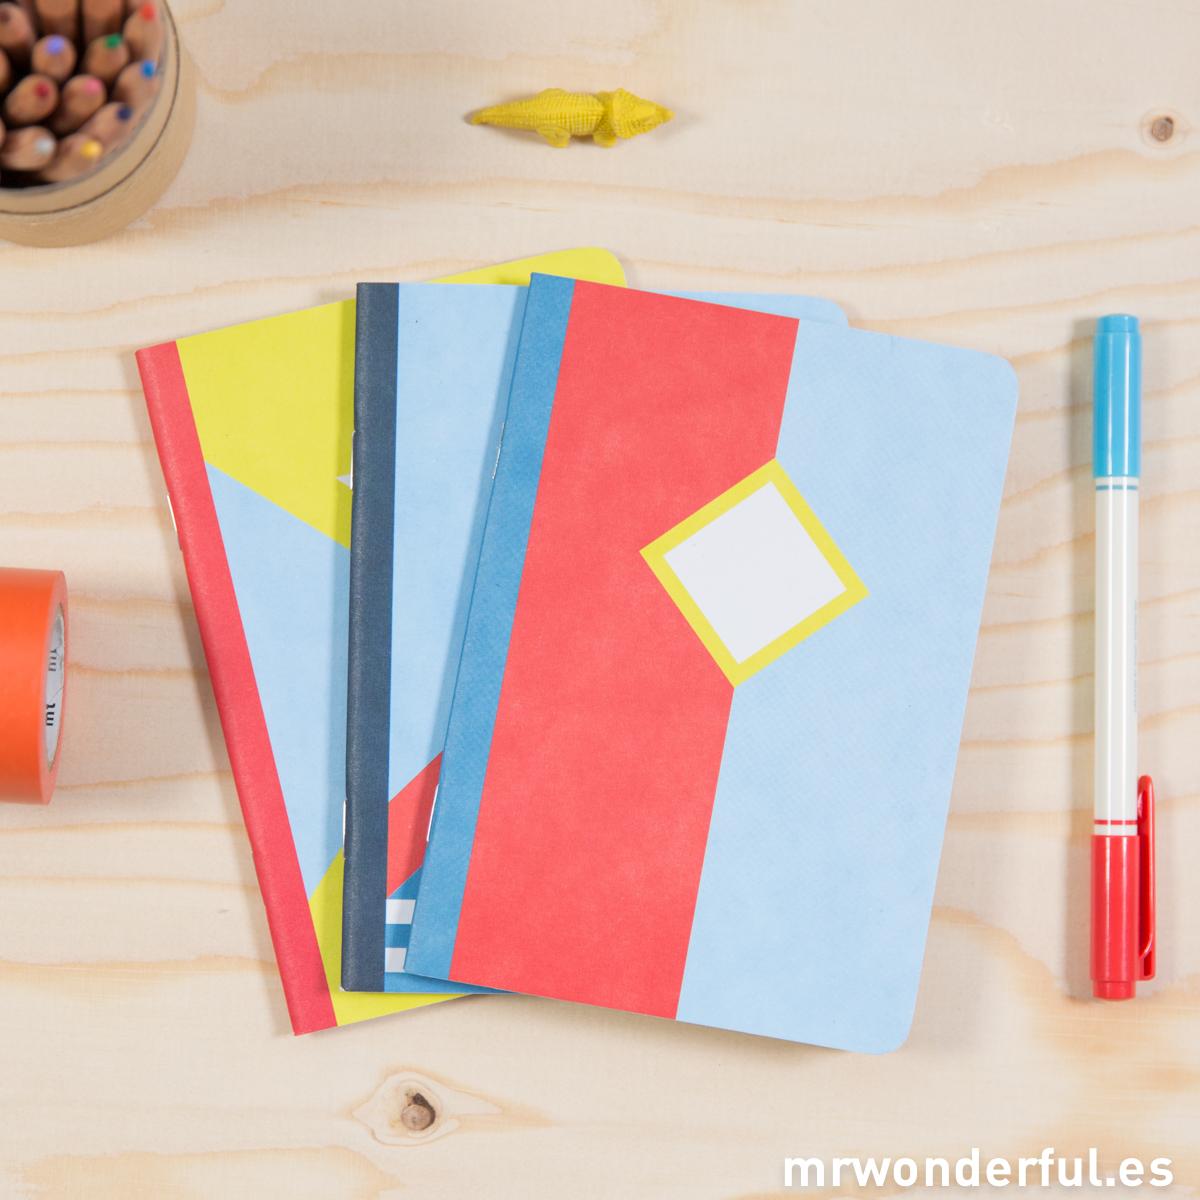 mrwonderful_PNB15_set-3-libretas-bolsillo-estampado-geometrico-3